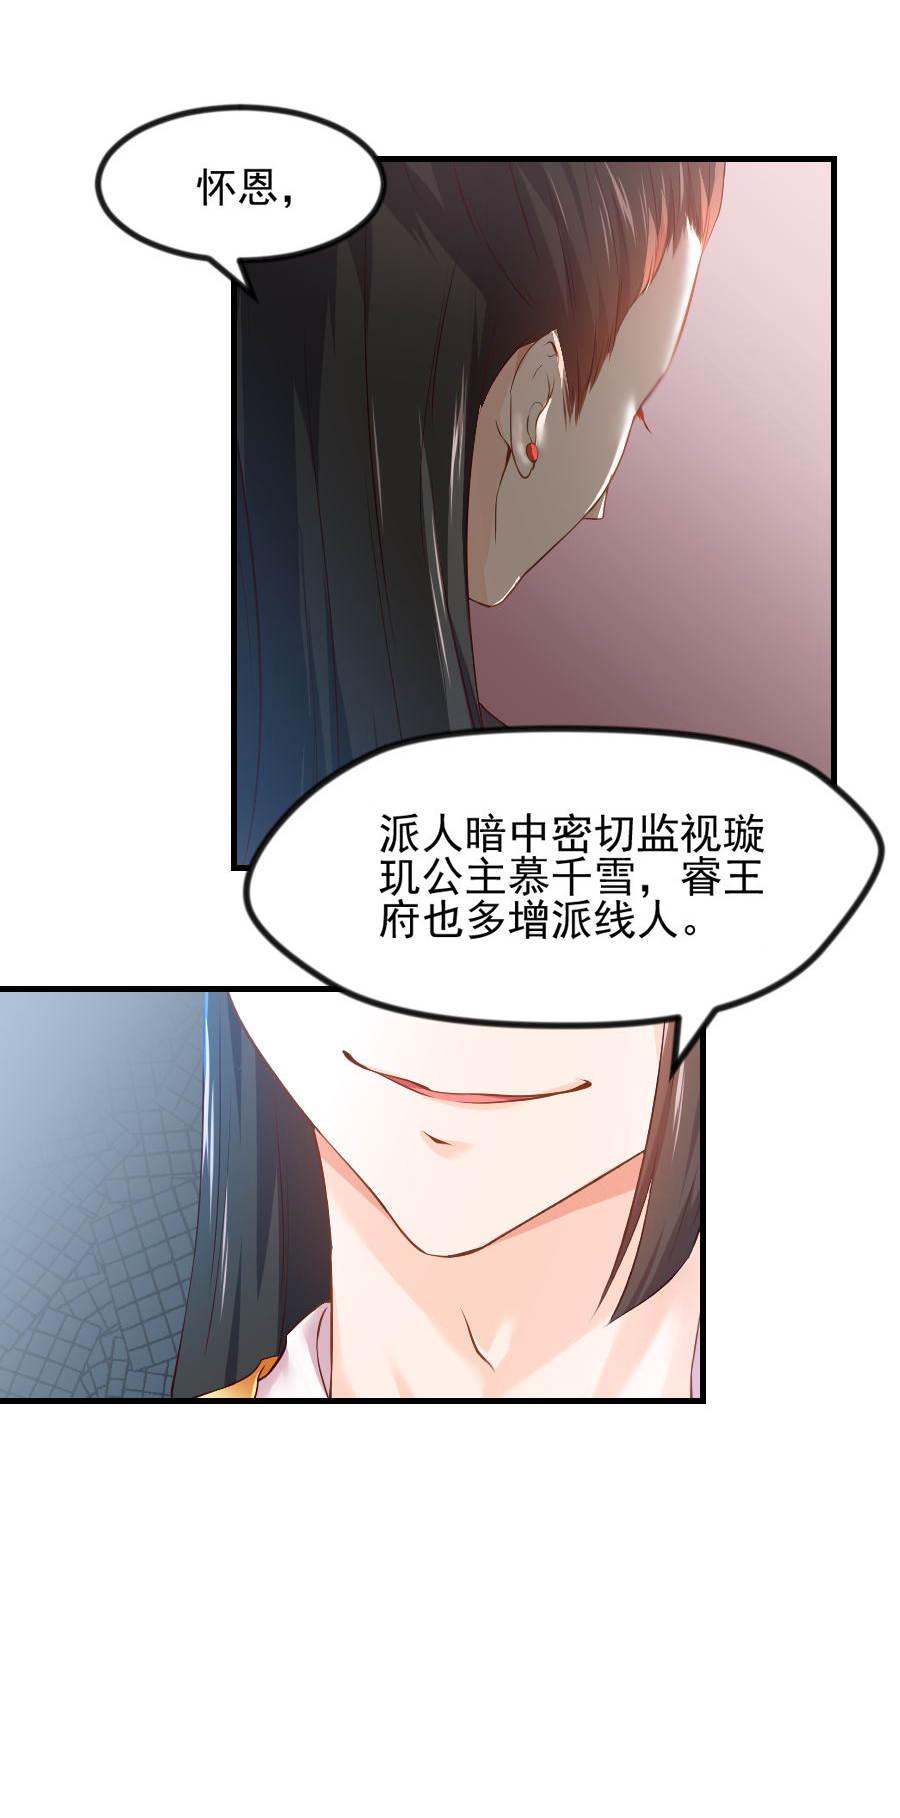 盛世帝王妃第64话  徐立 第 3